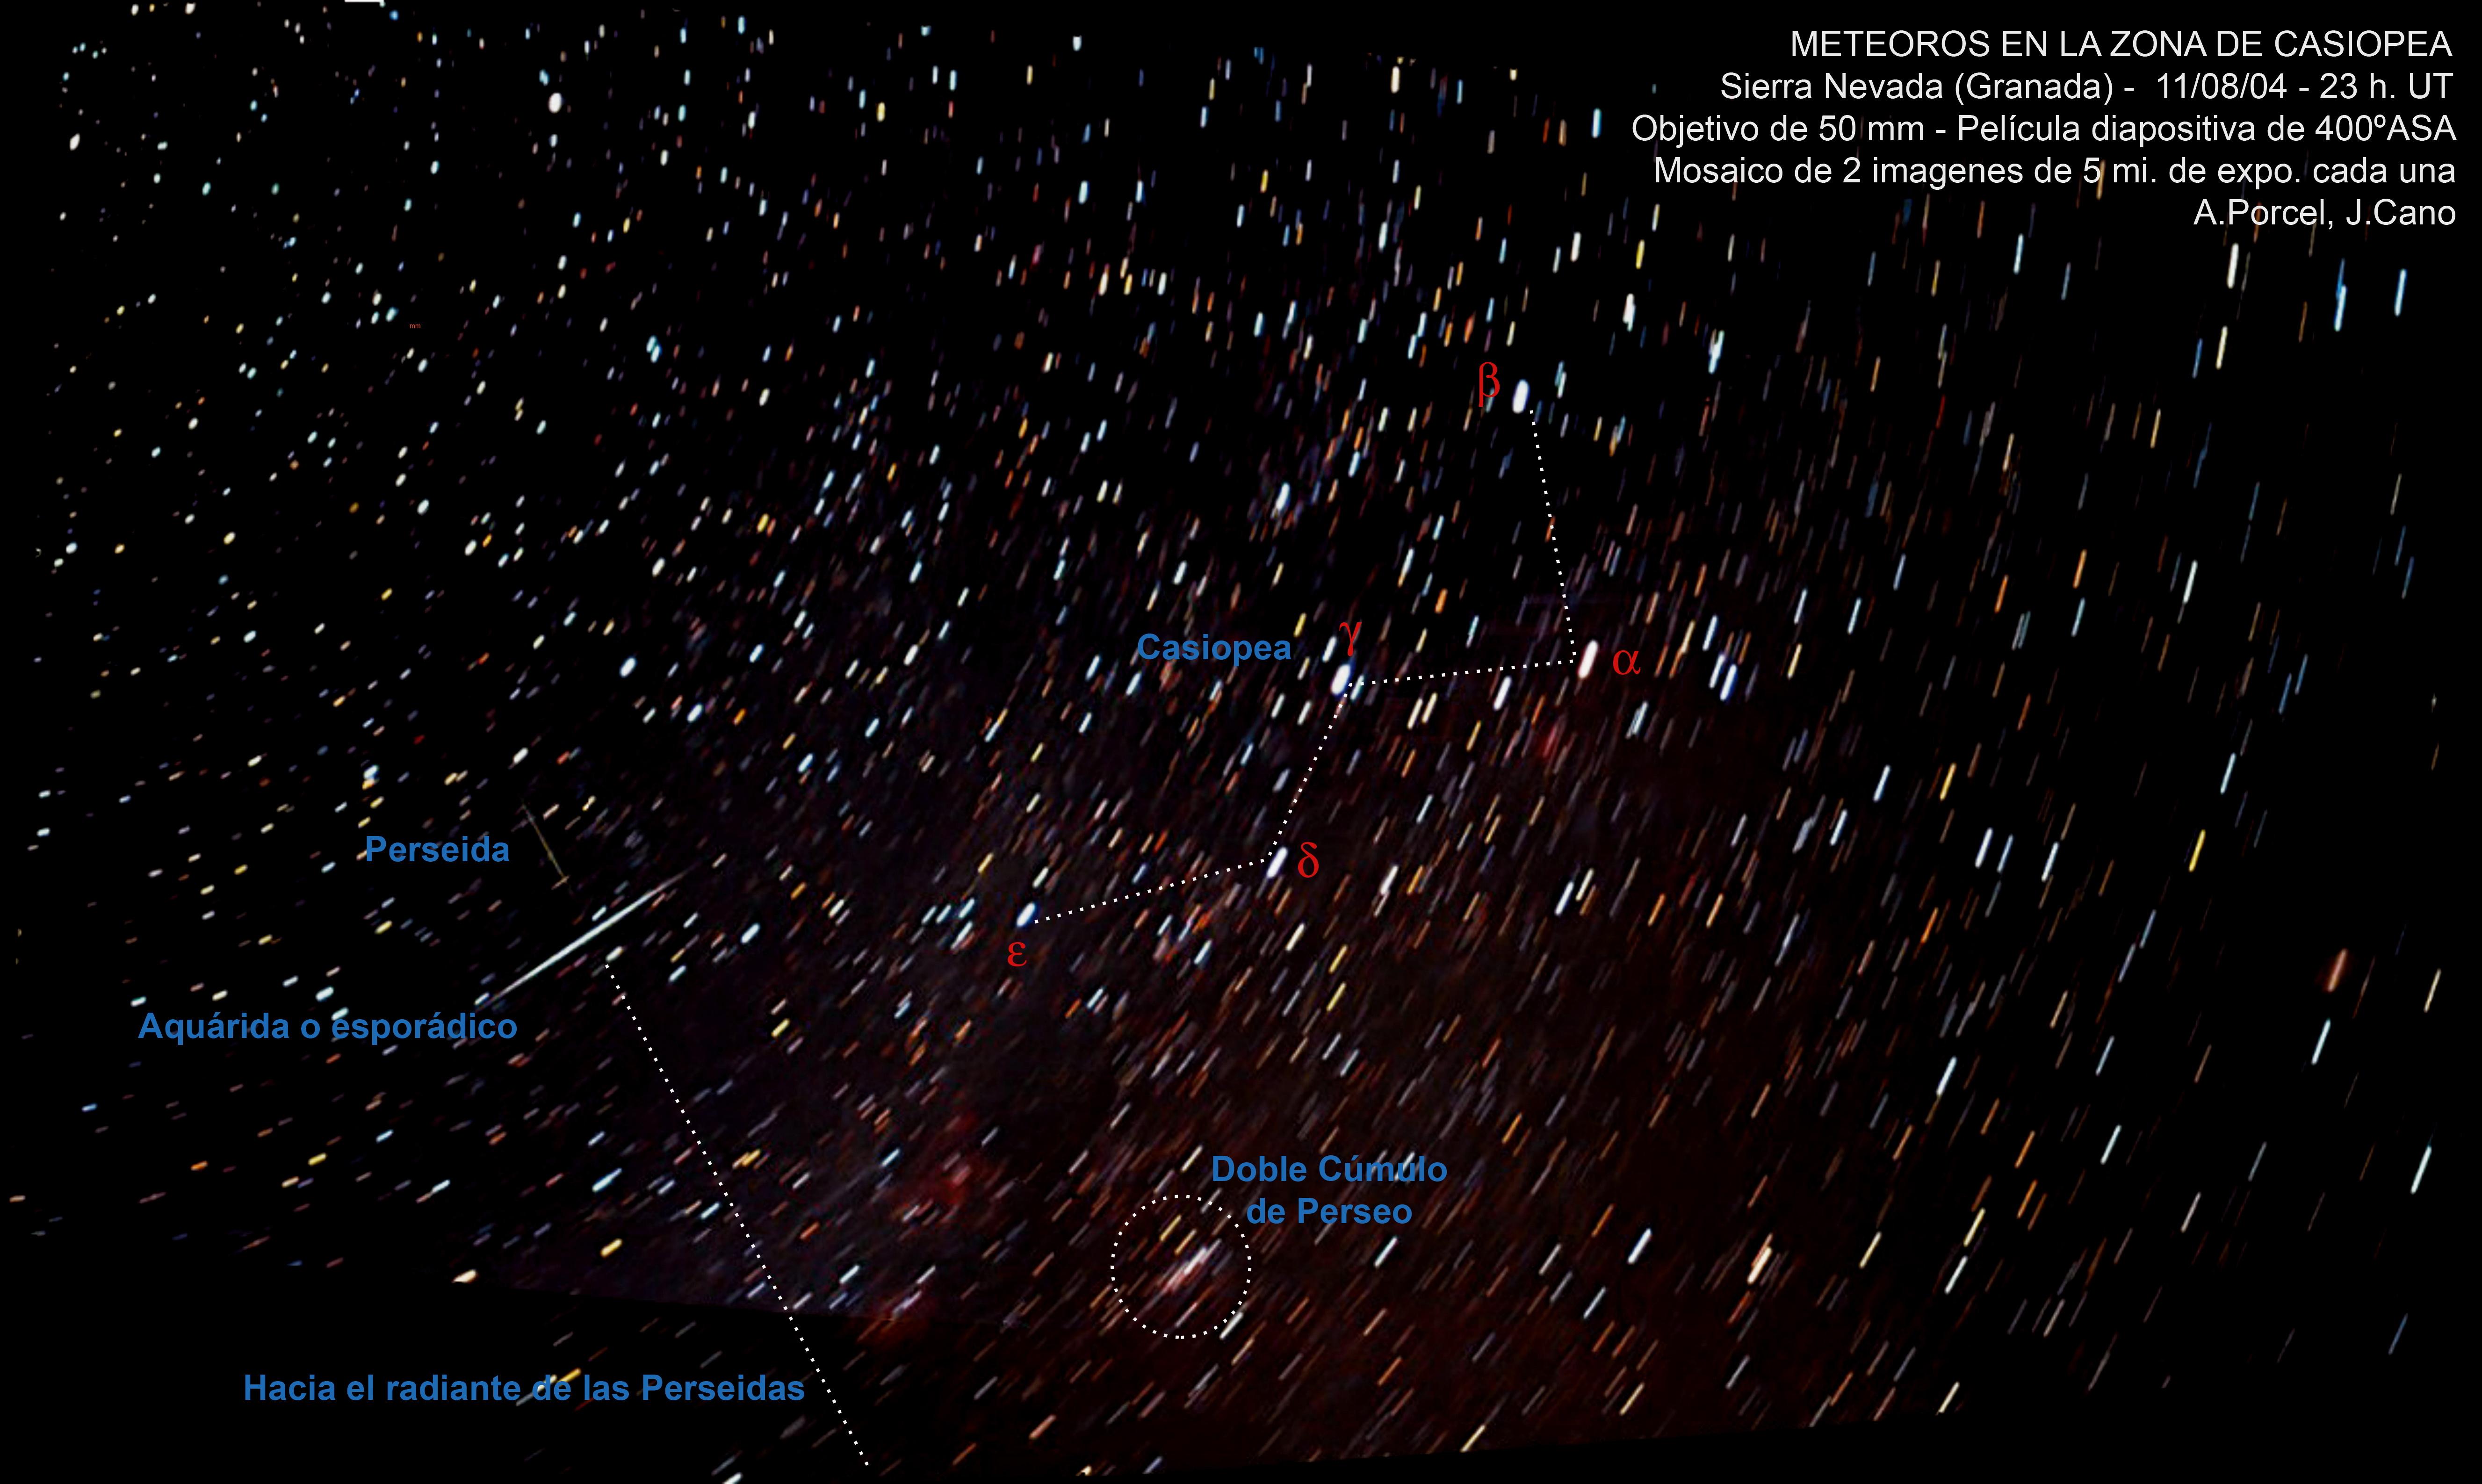 Meteoros en la zona de Casiopea